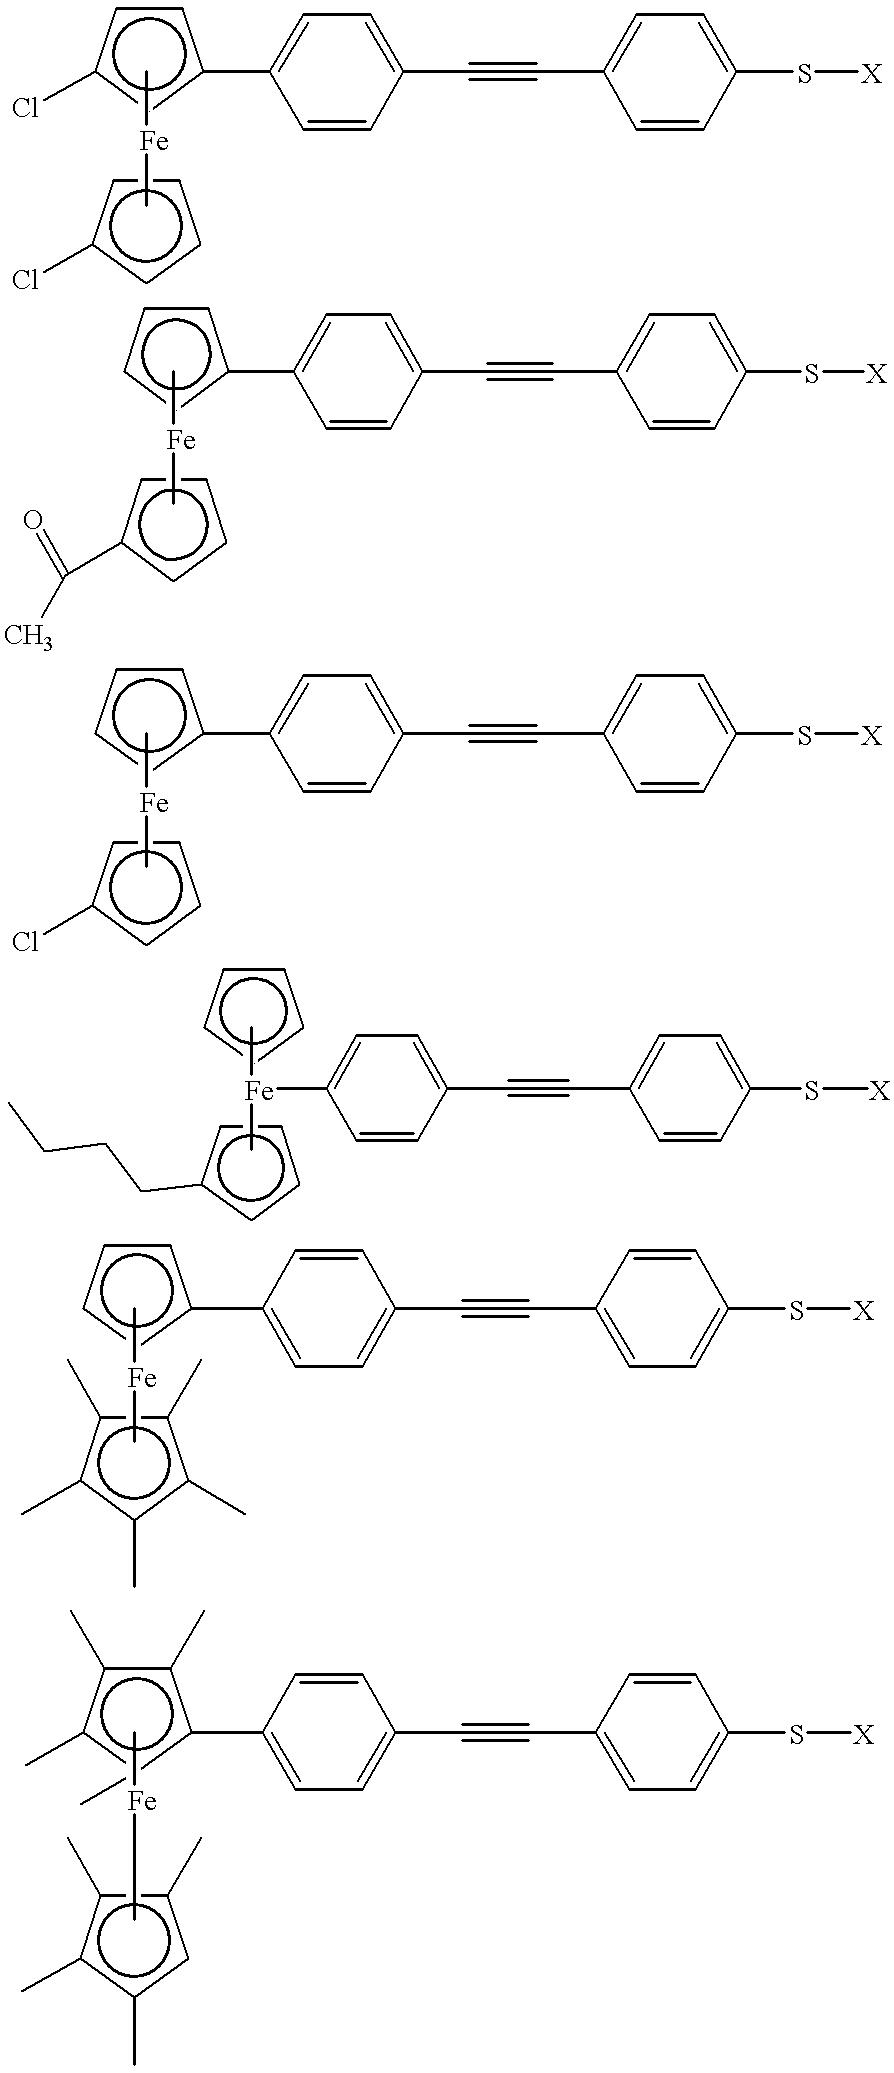 Figure US06381169-20020430-C00002